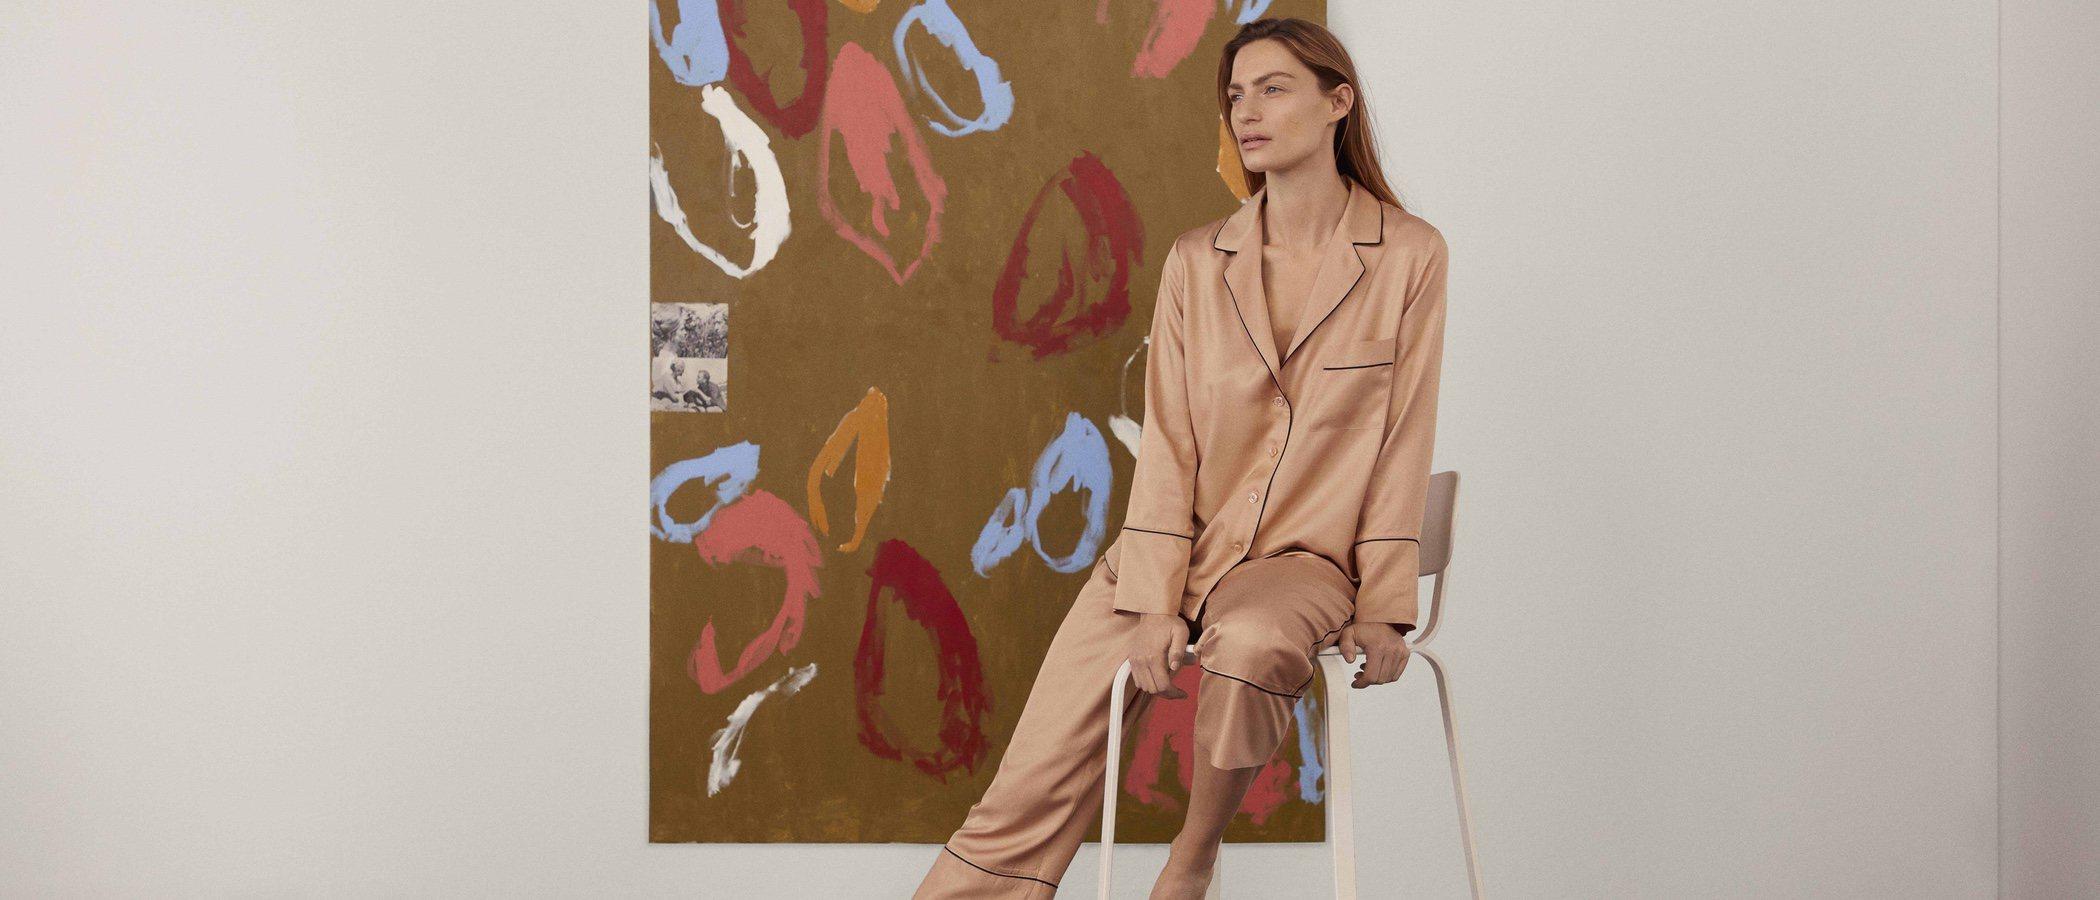 Oysho colabora con el artista Albert Riera para crear su nueva colección Sleepwear primavera/verano 2018